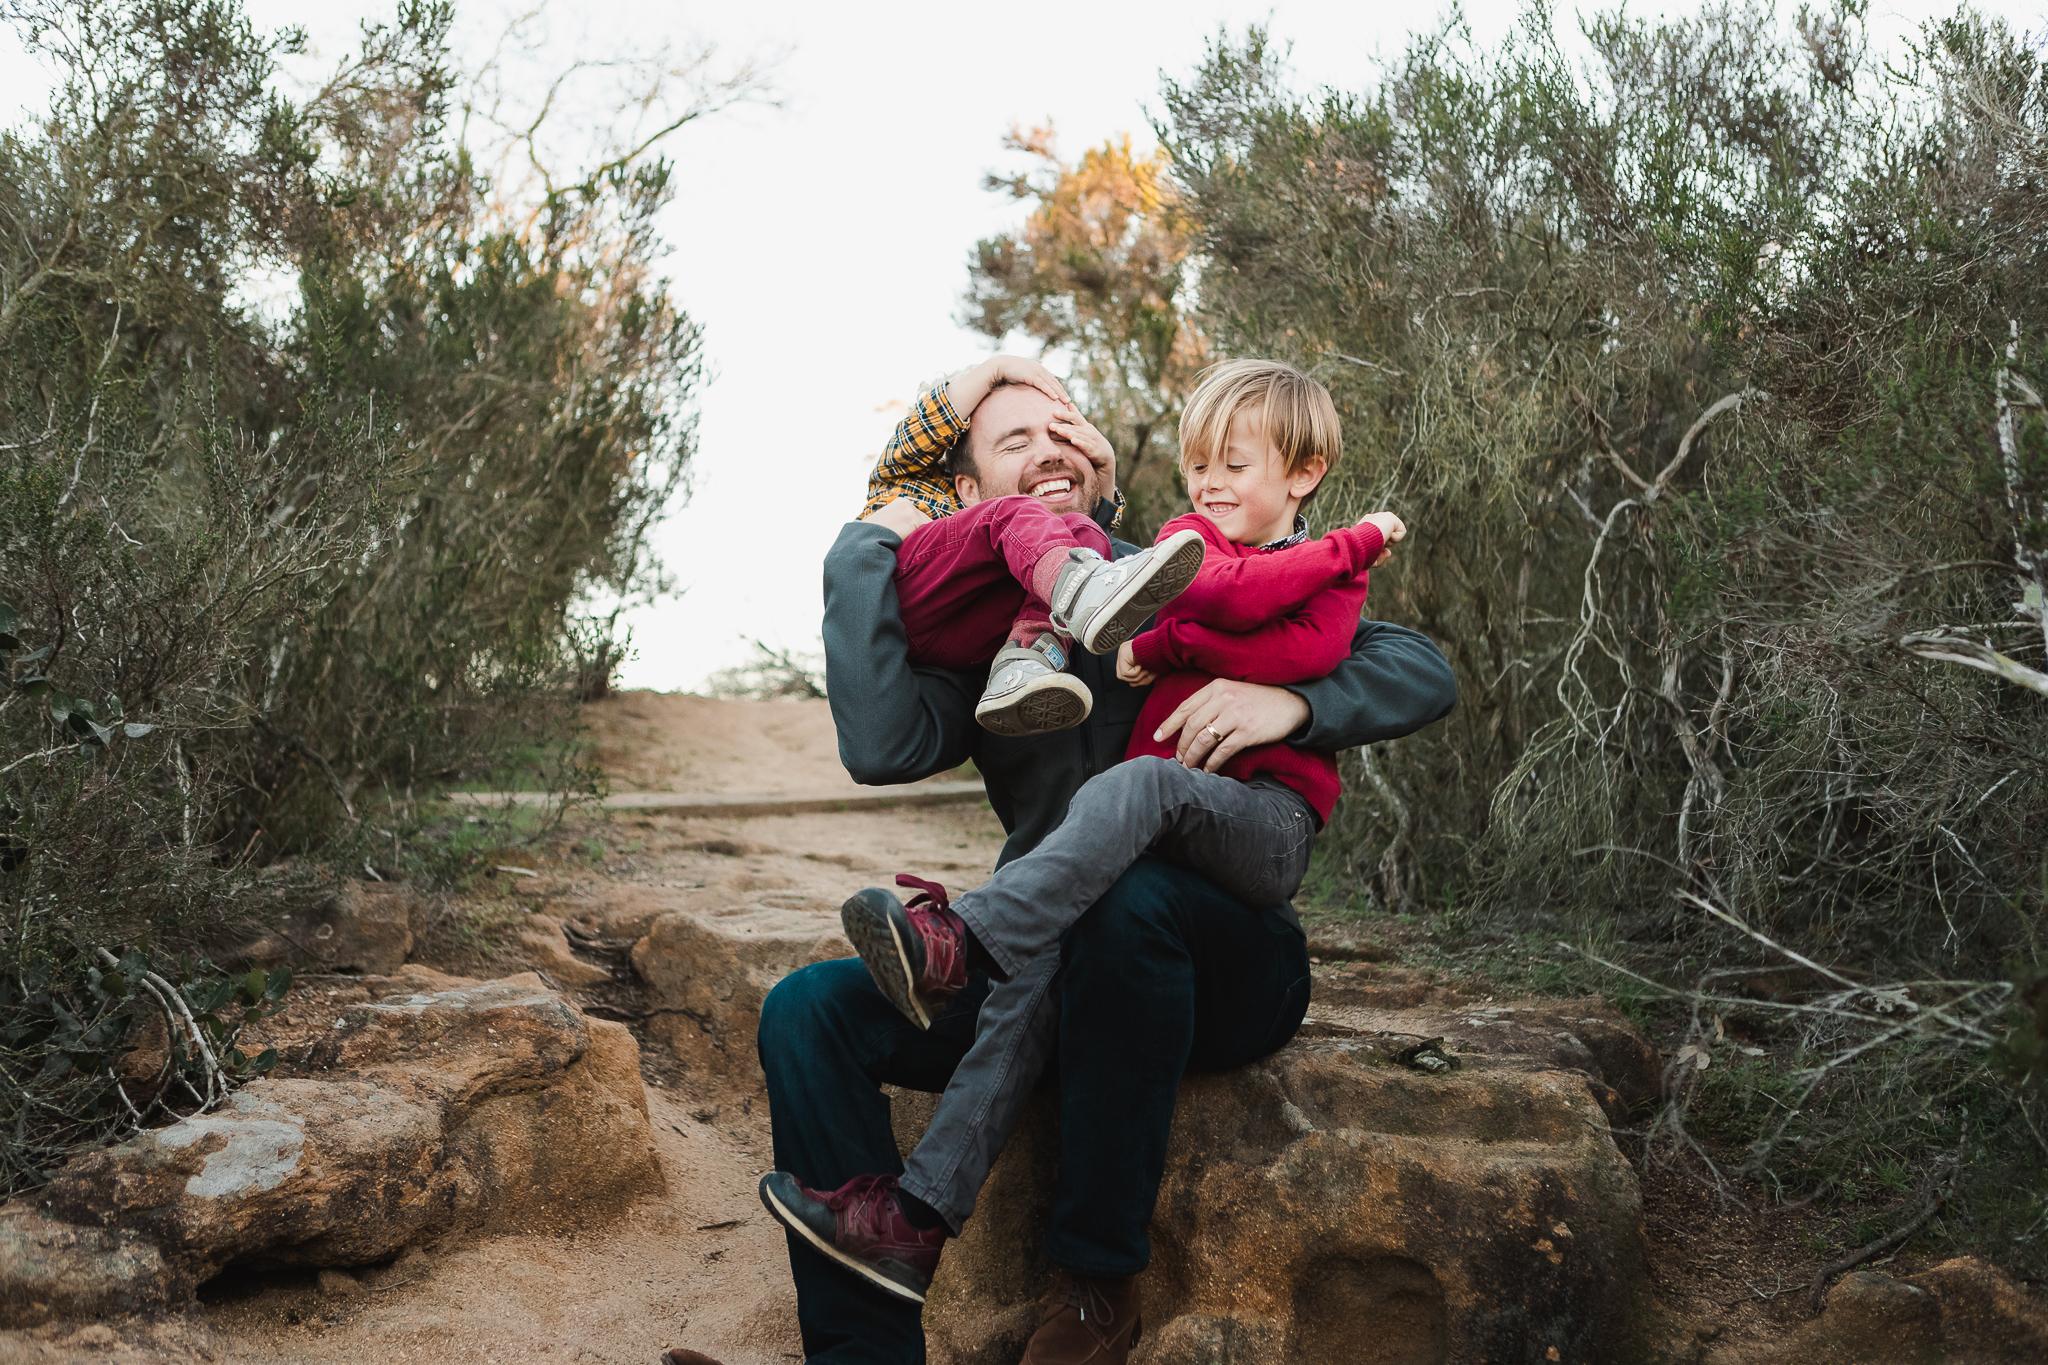 Family photographer in Encinitas